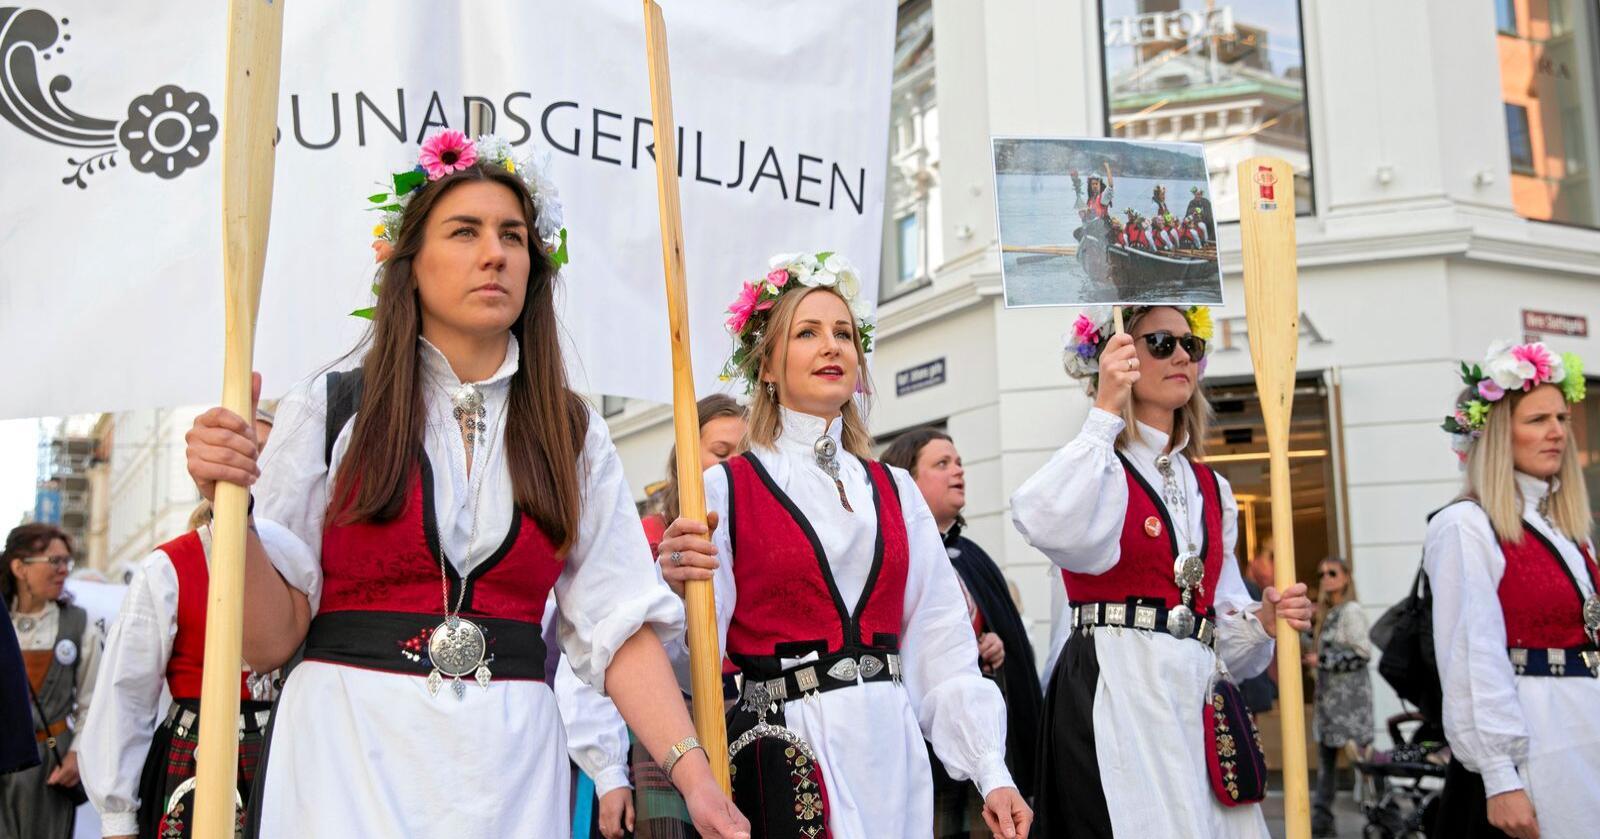 Demonstrasjon: Bunadsgeriljaen kjemper for et trygt og godt fødetilbud over hele Norge. Foto: Ryan Kelly / NTB scanpix